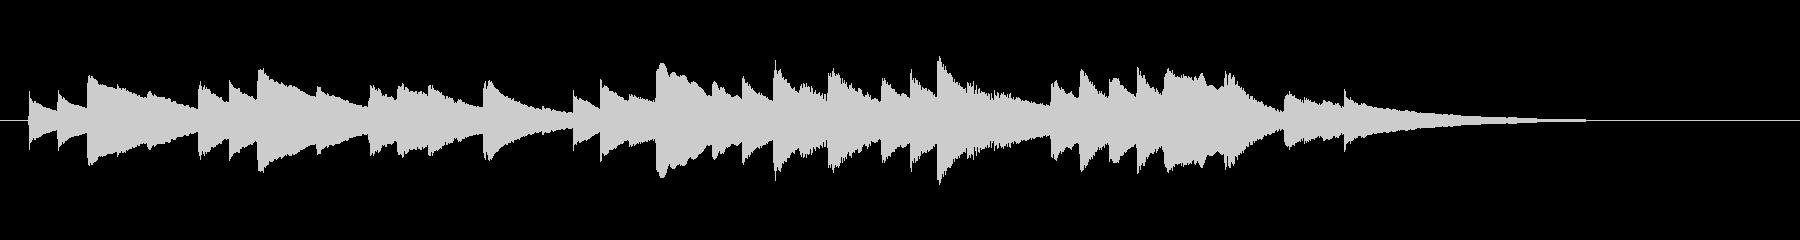 ブラームスの子守唄オルゴール(前半のみ)の未再生の波形